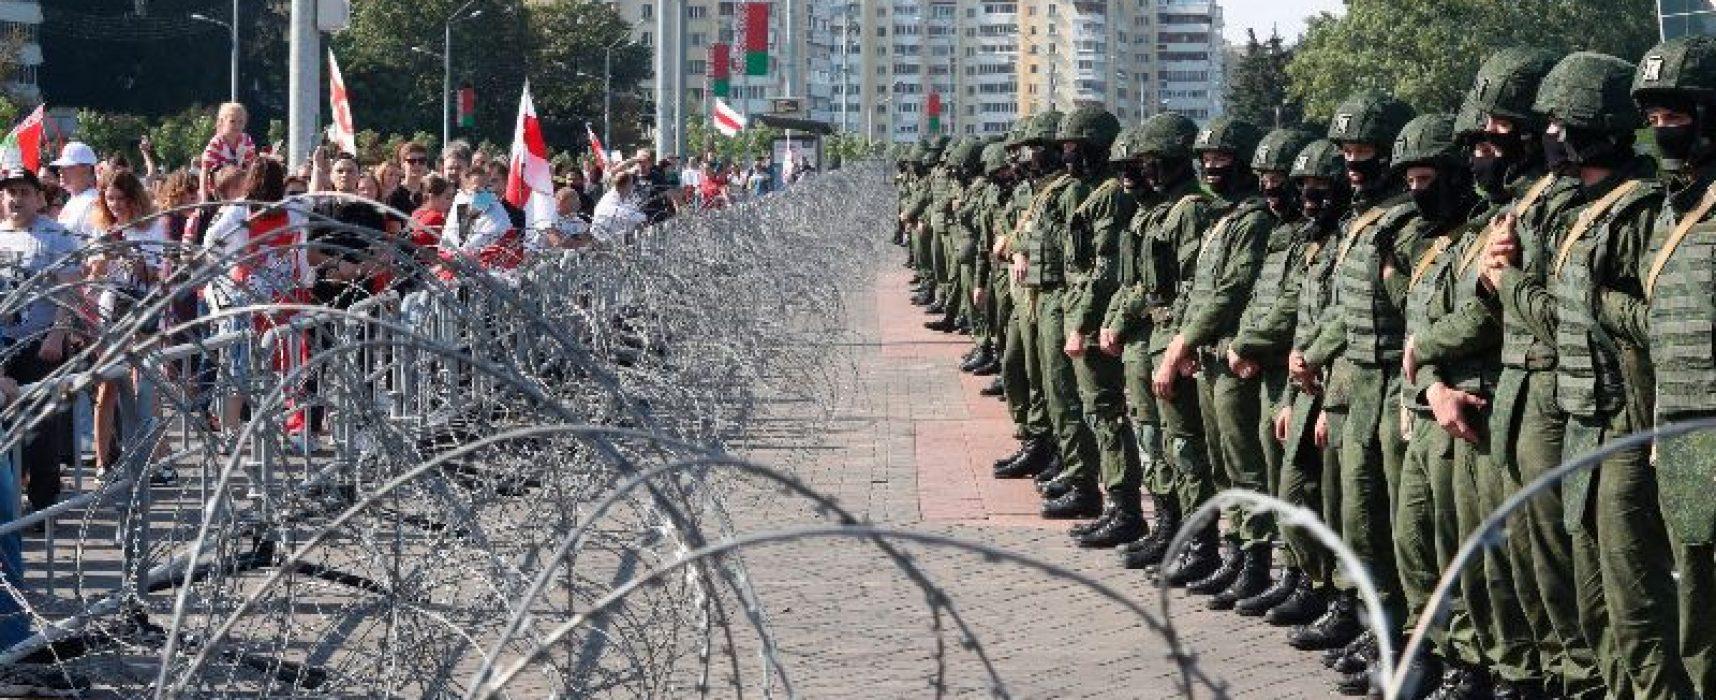 """""""Nikdo nechce, aby se z Běloruska stala nová Ukrajina"""": evropští lídři varovali před ruskou intervencí a ruská média z toho udělala protiukrajinské výroky"""